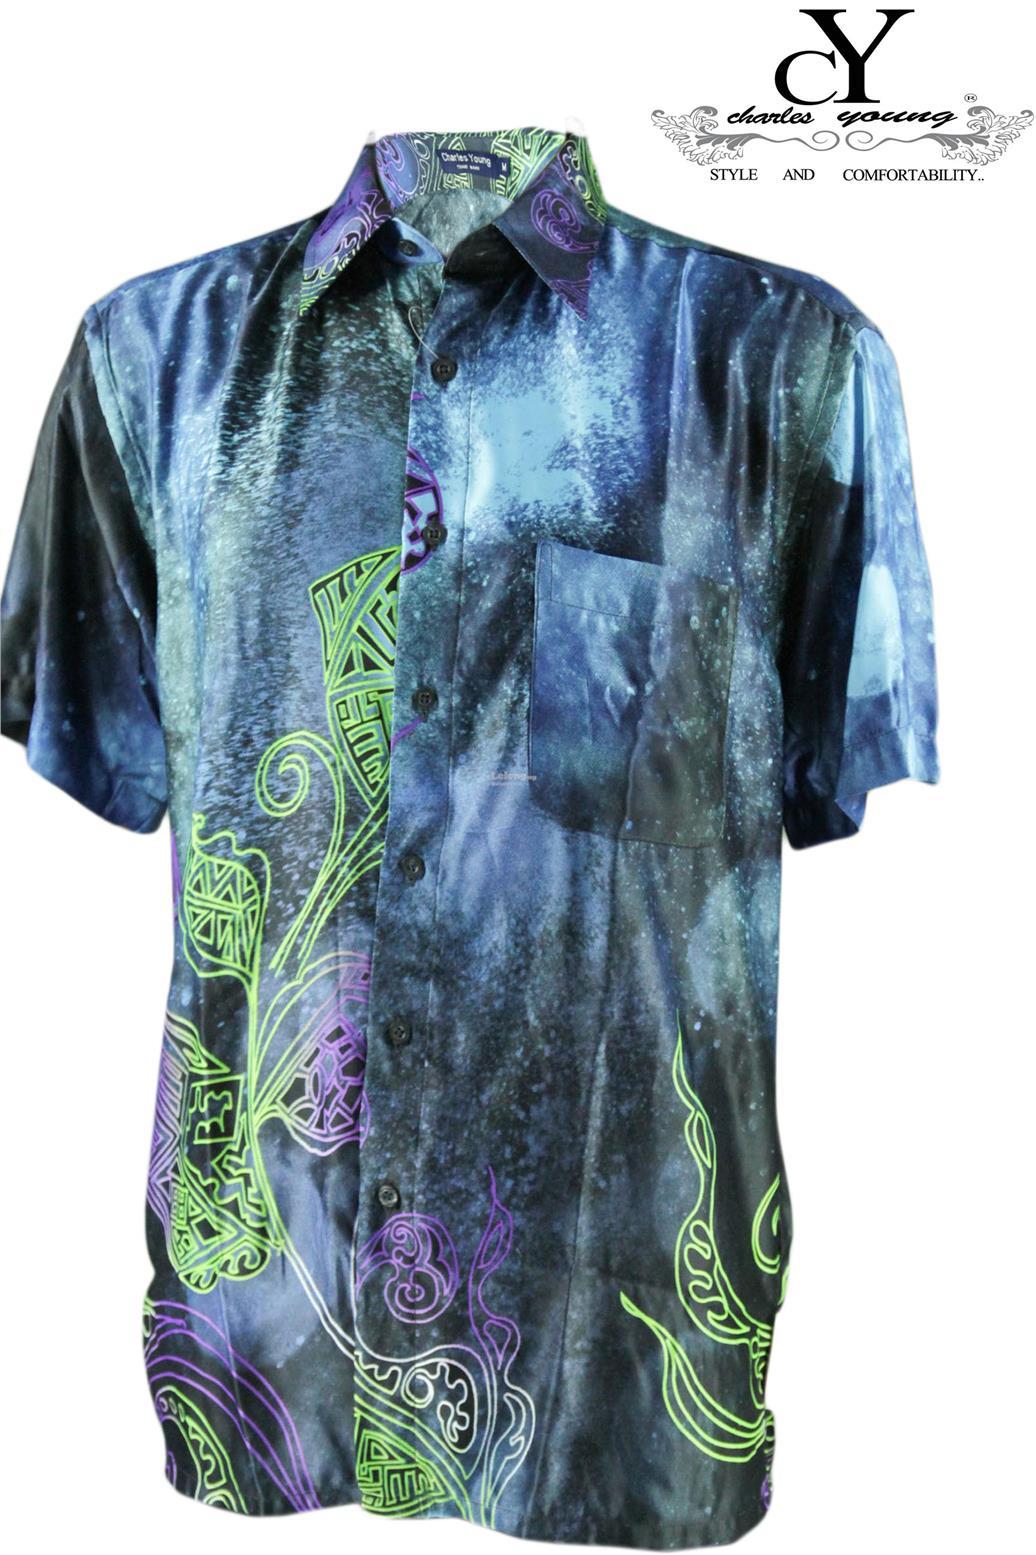 Vintage shirt price harga in Malaysia  baju